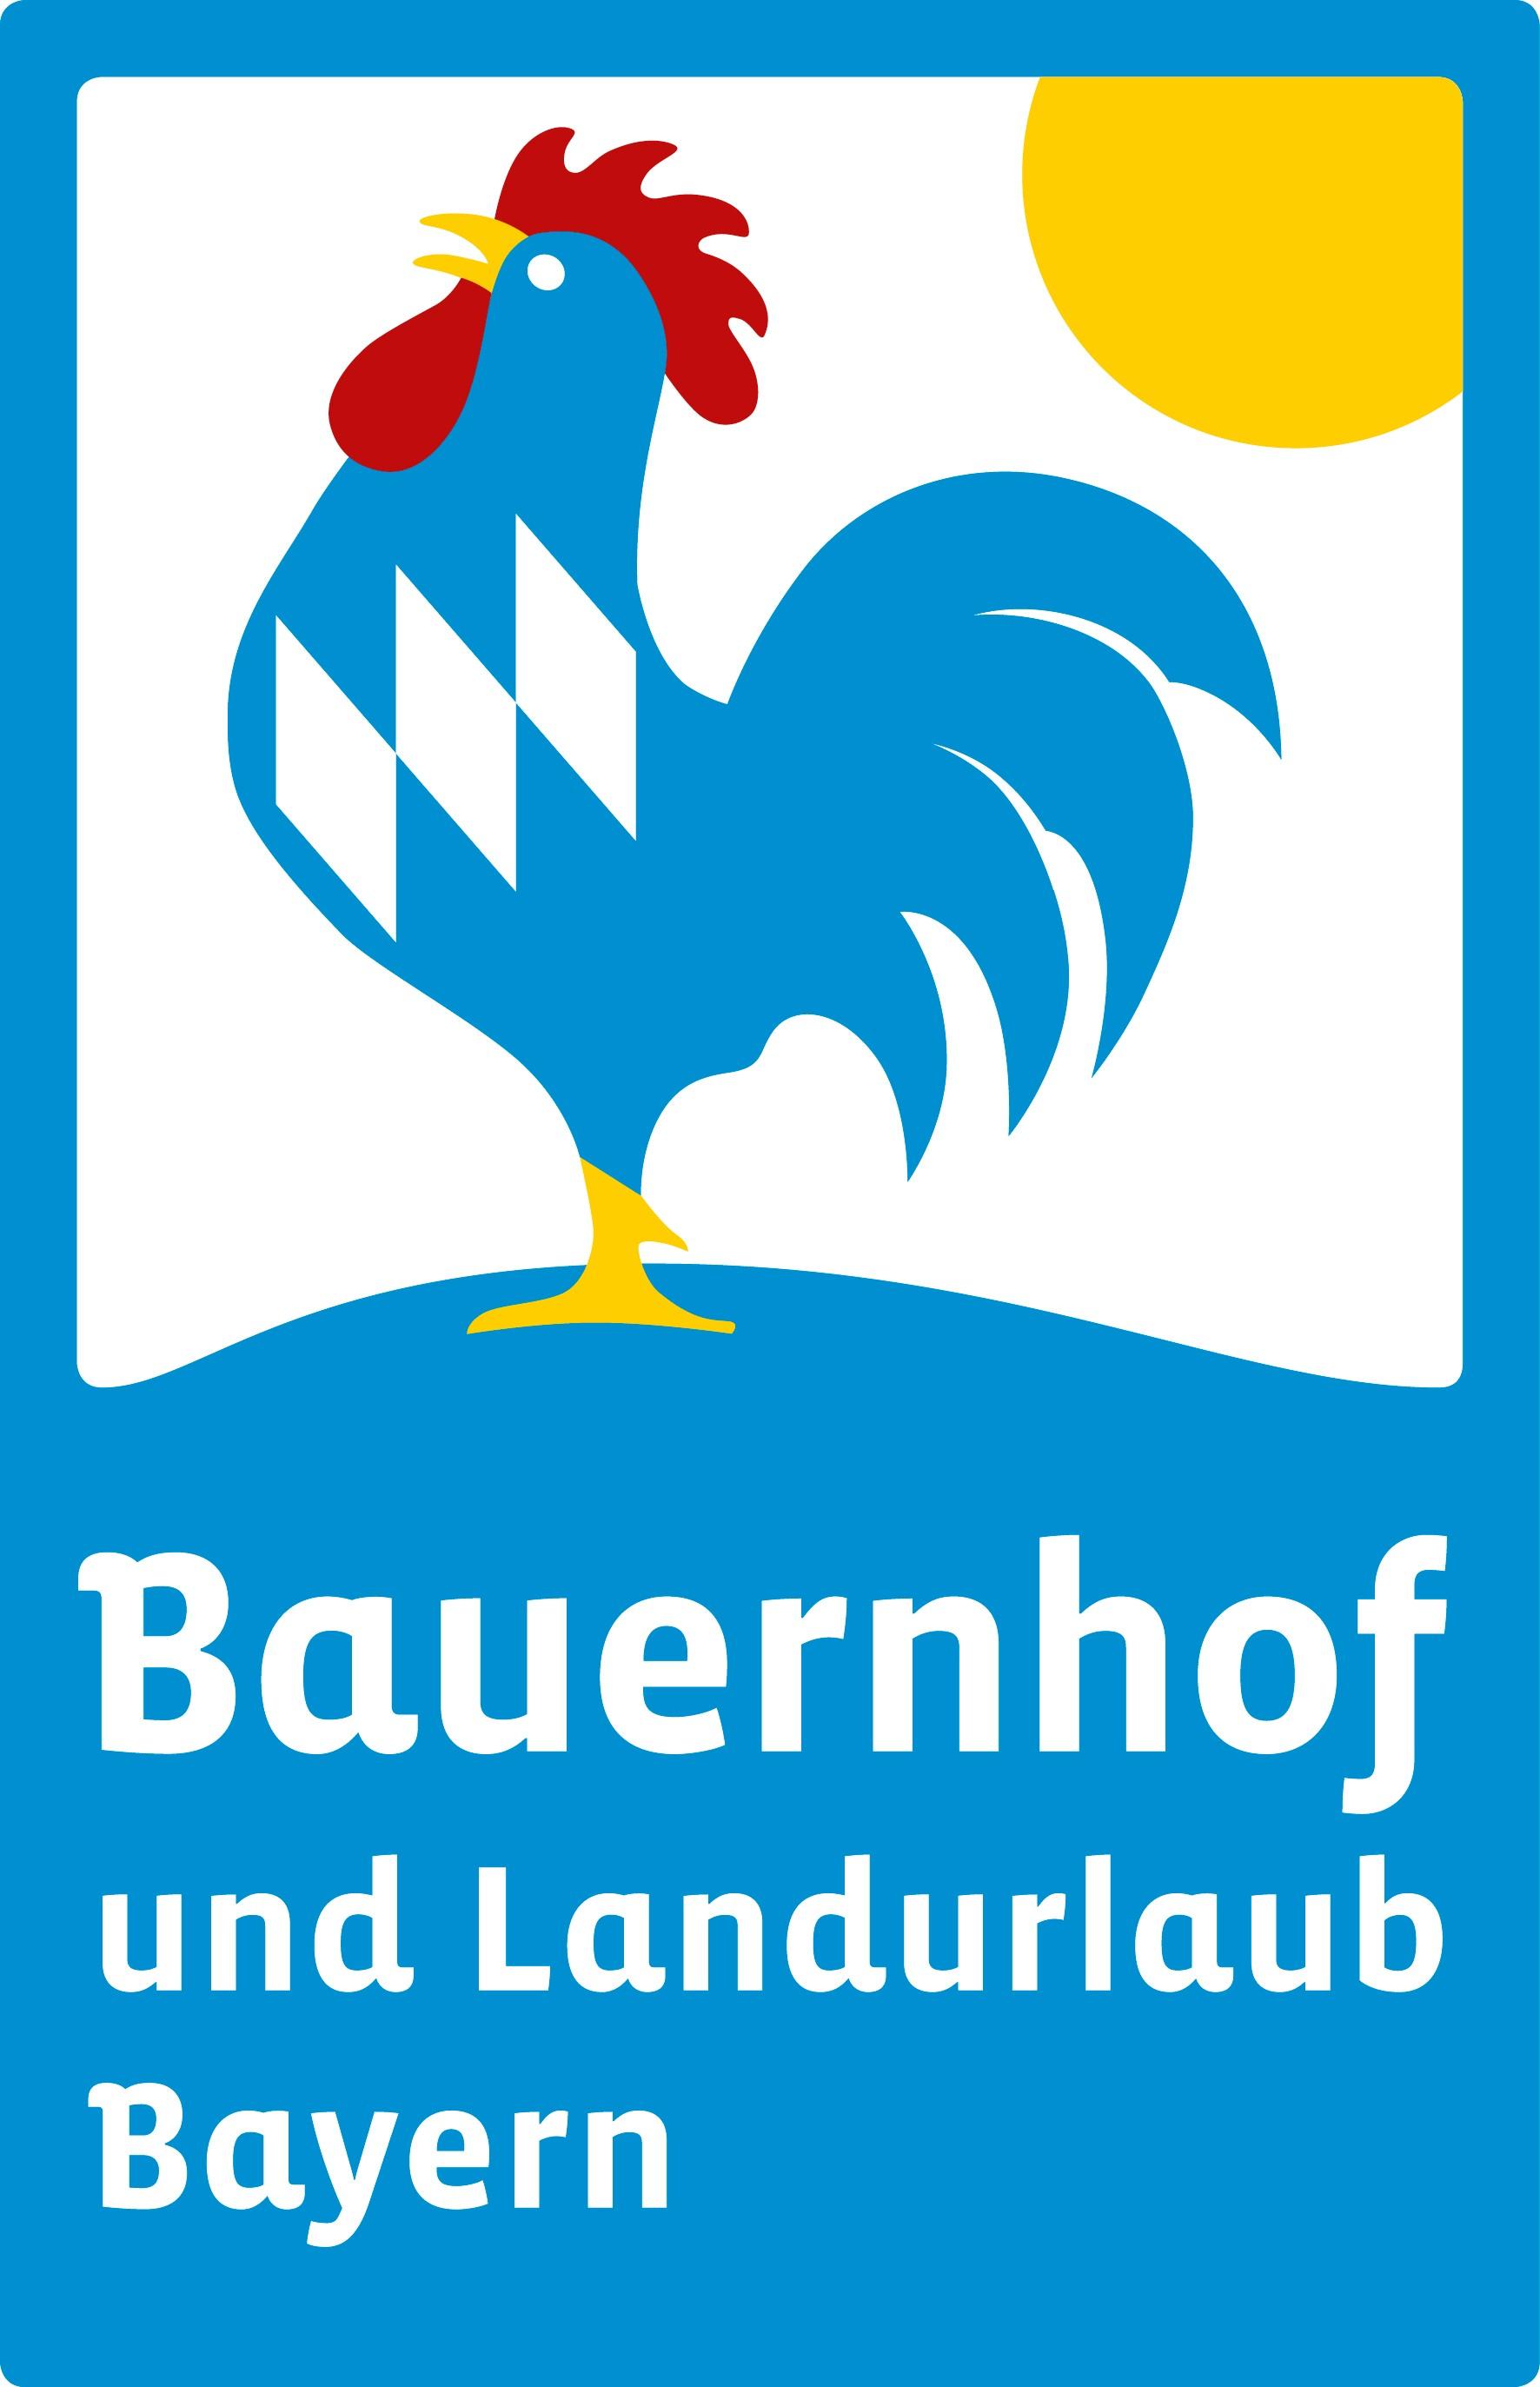 Bauernhof- und Landurlaub Logo